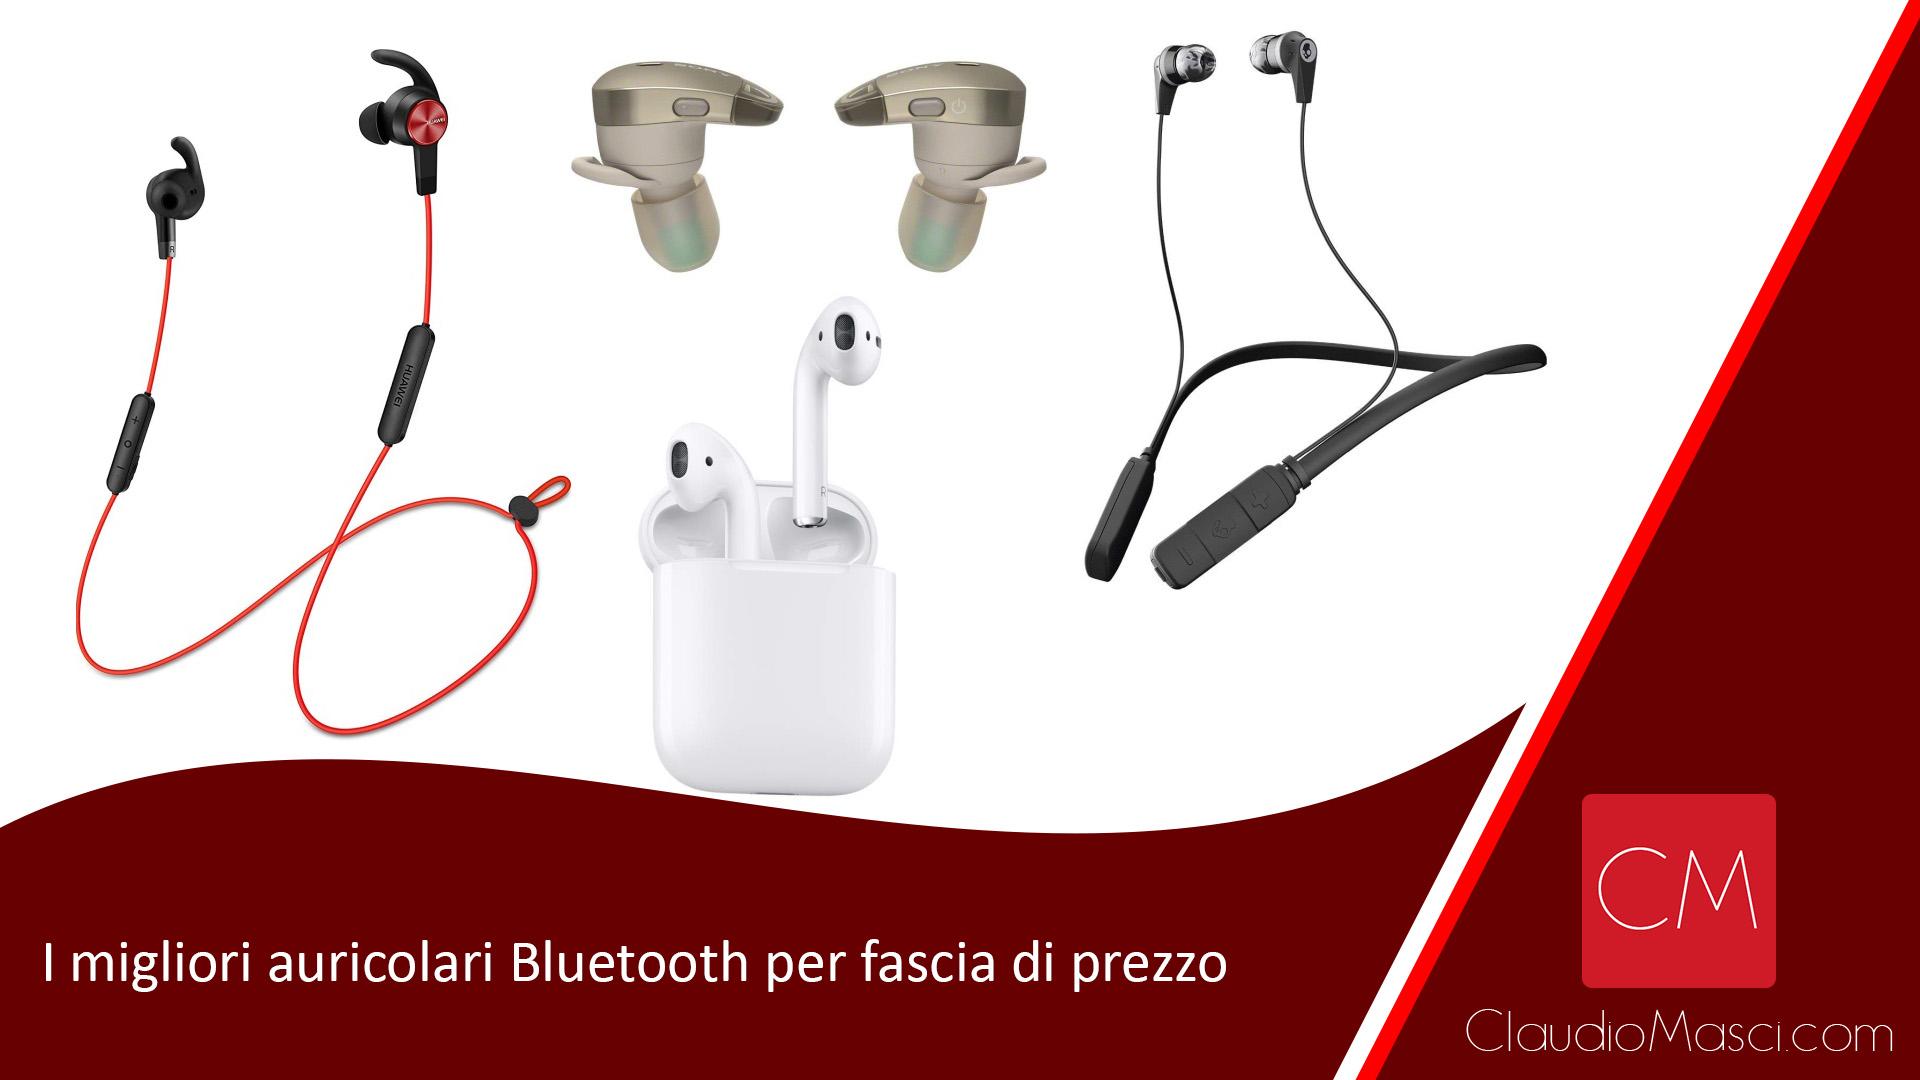 I migliori auricolari Bluetooth per fascia di prezzo